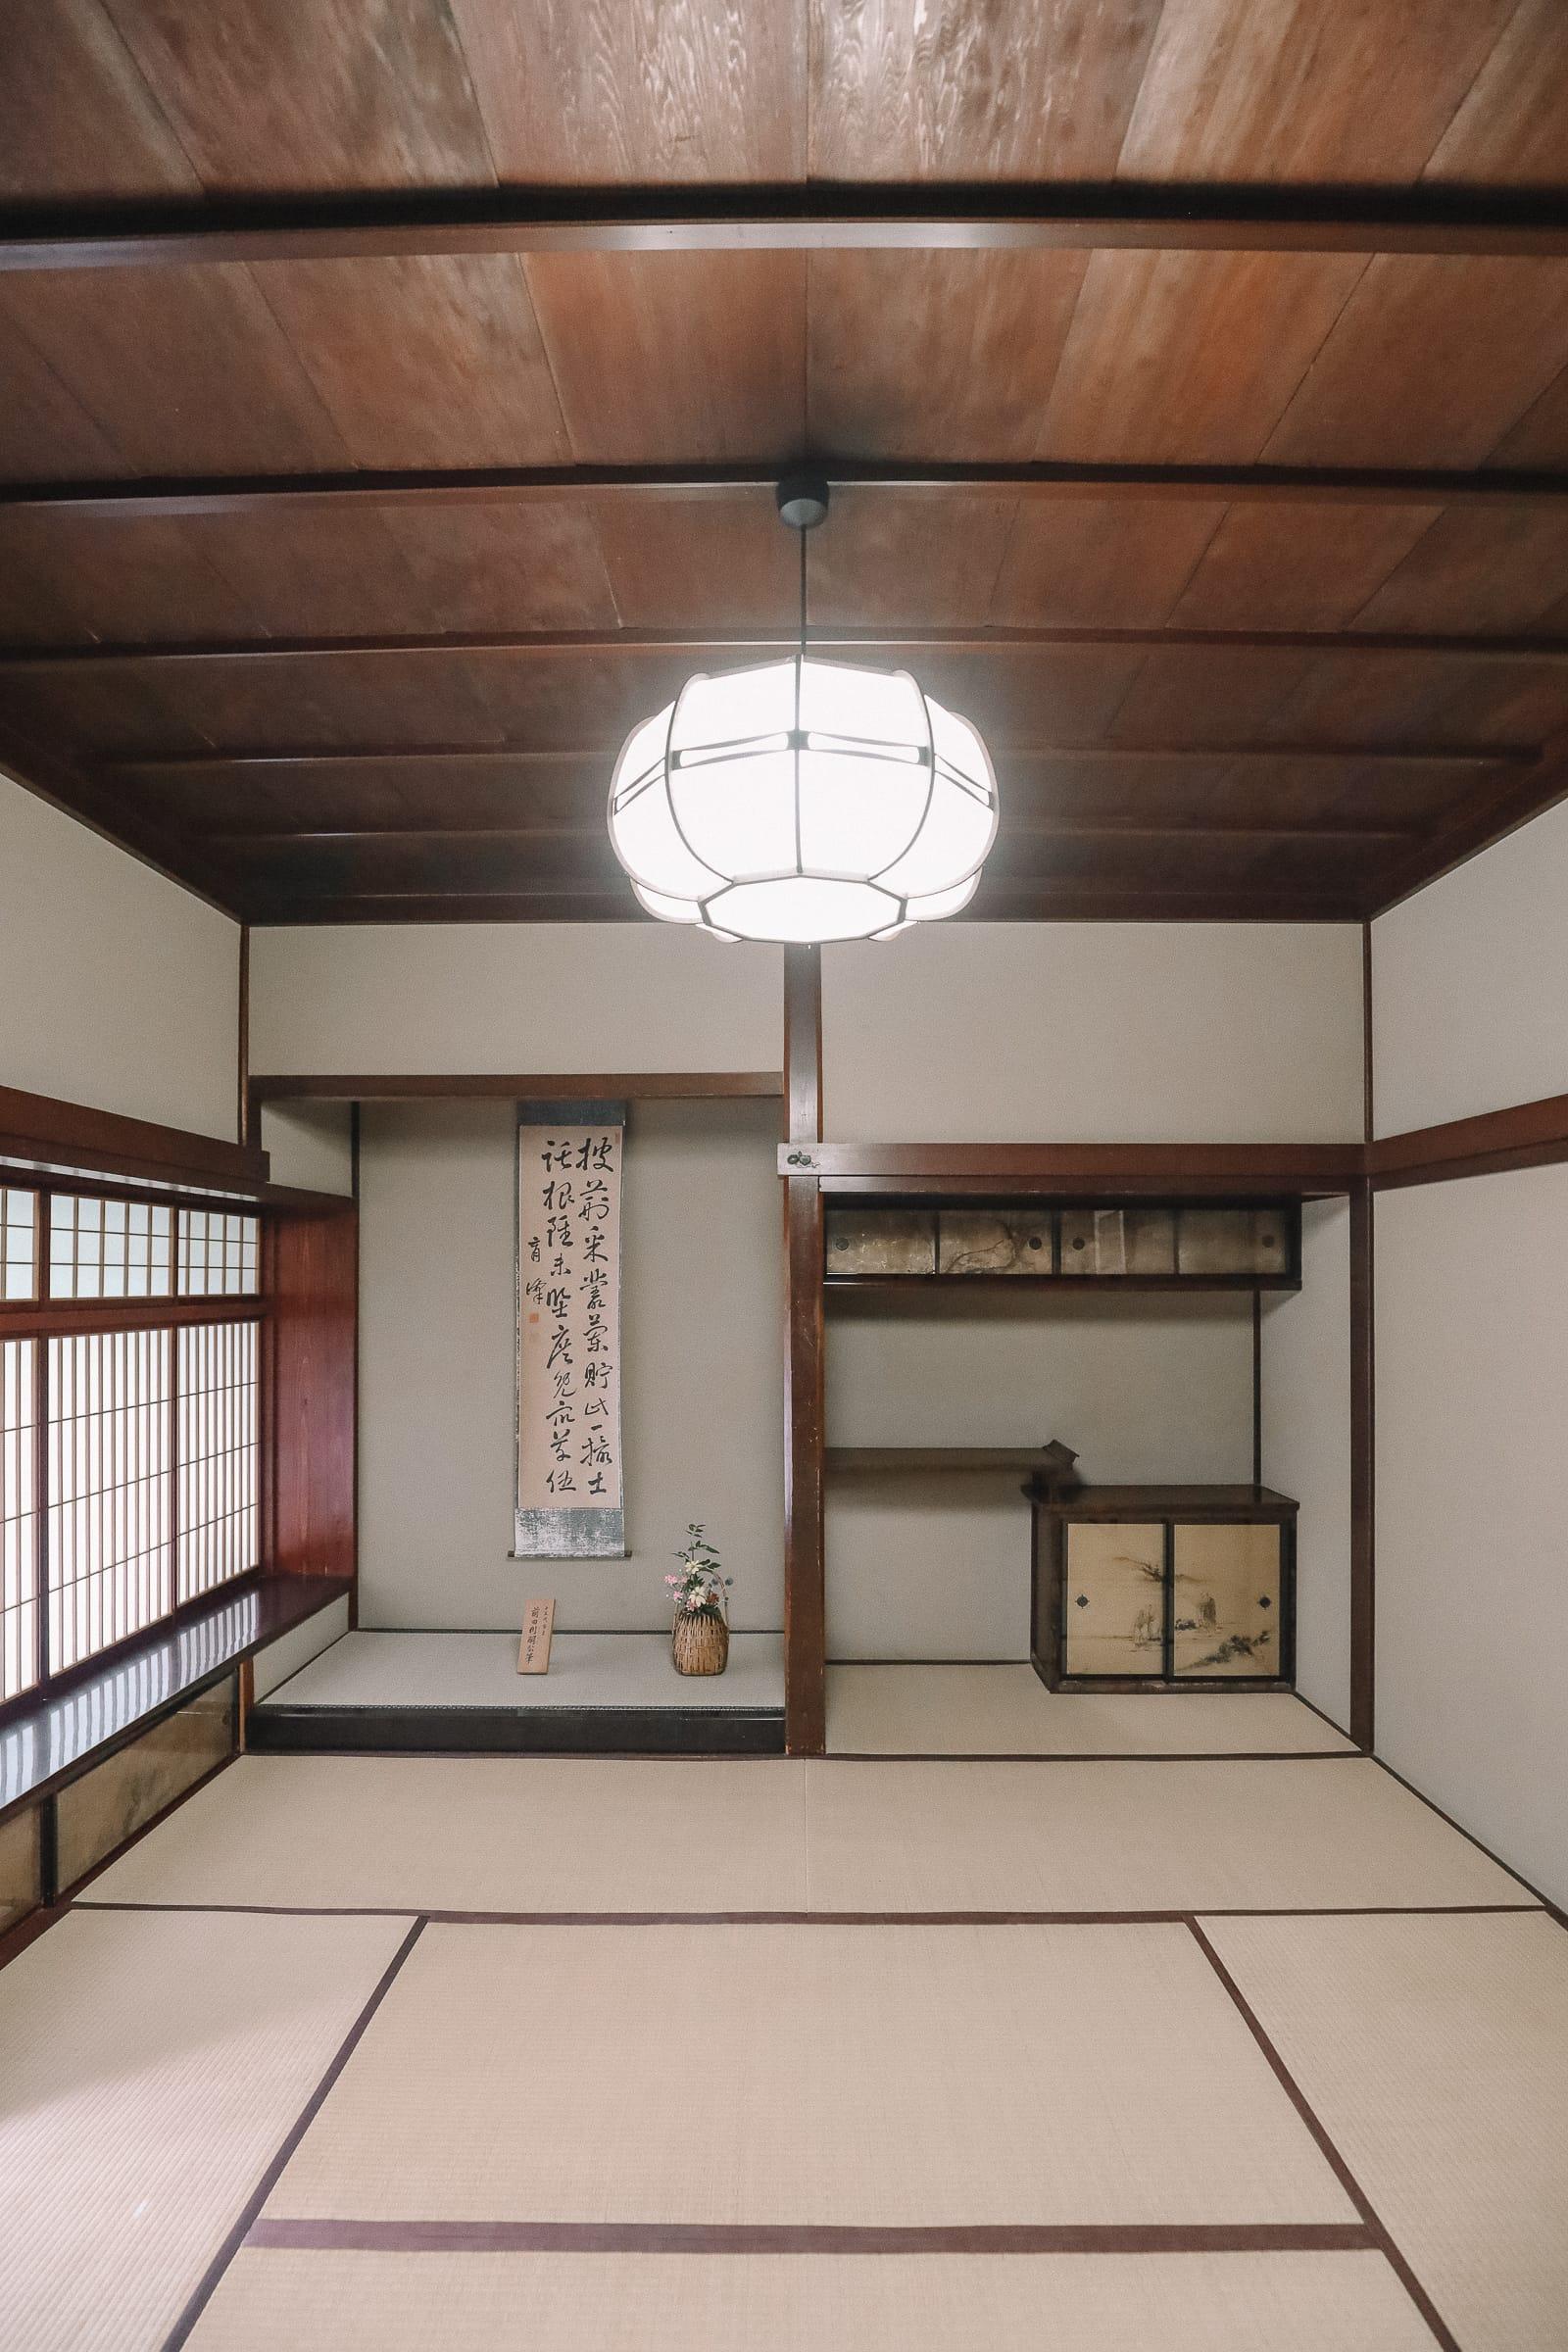 Finding The Samurai District Of Kanazawa and Hakusan City - Japan (57)